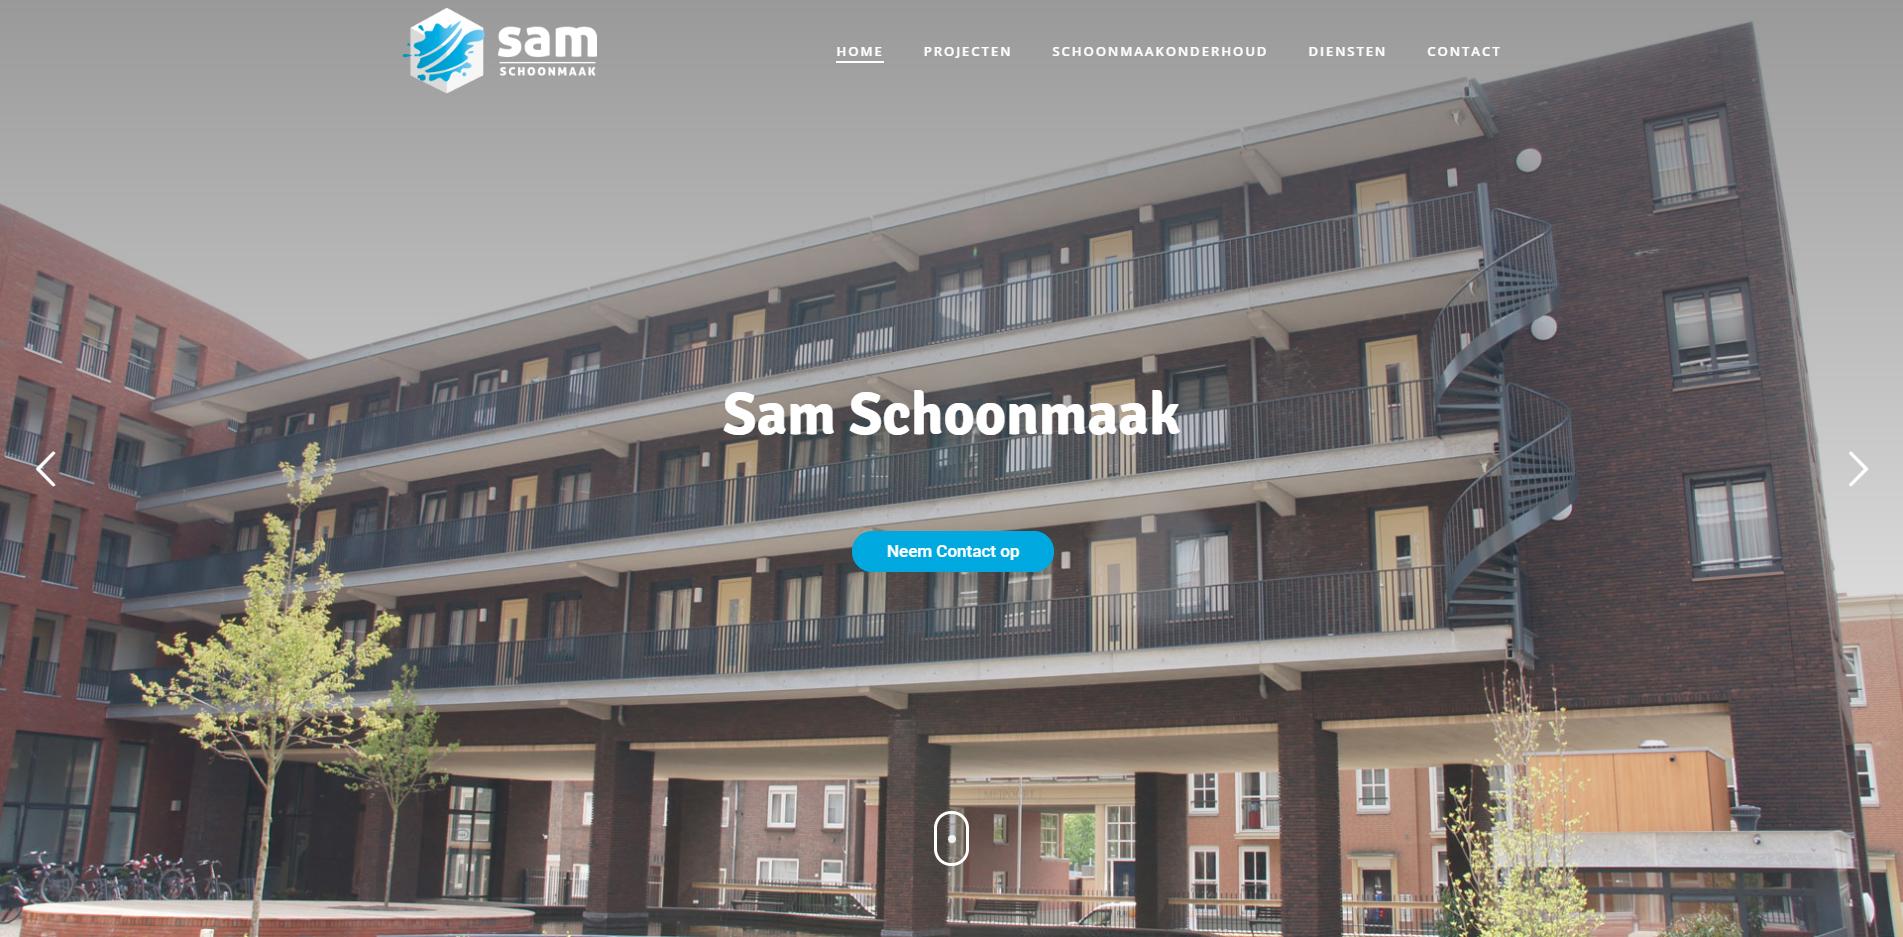 samschoonmaak-home